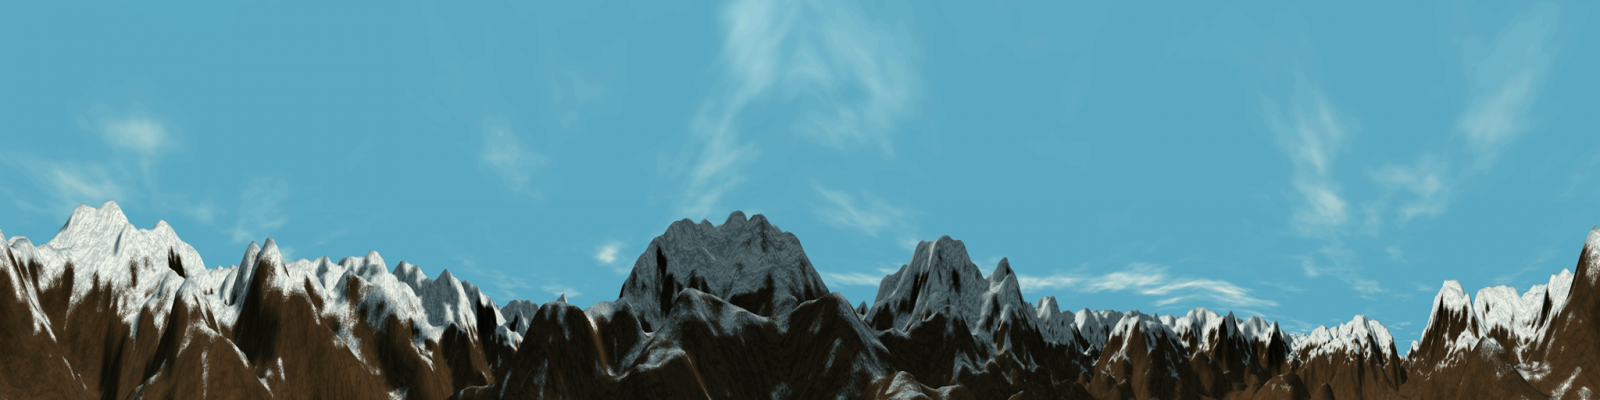 large.Mountain_SkyboxKK.png.210240341de7